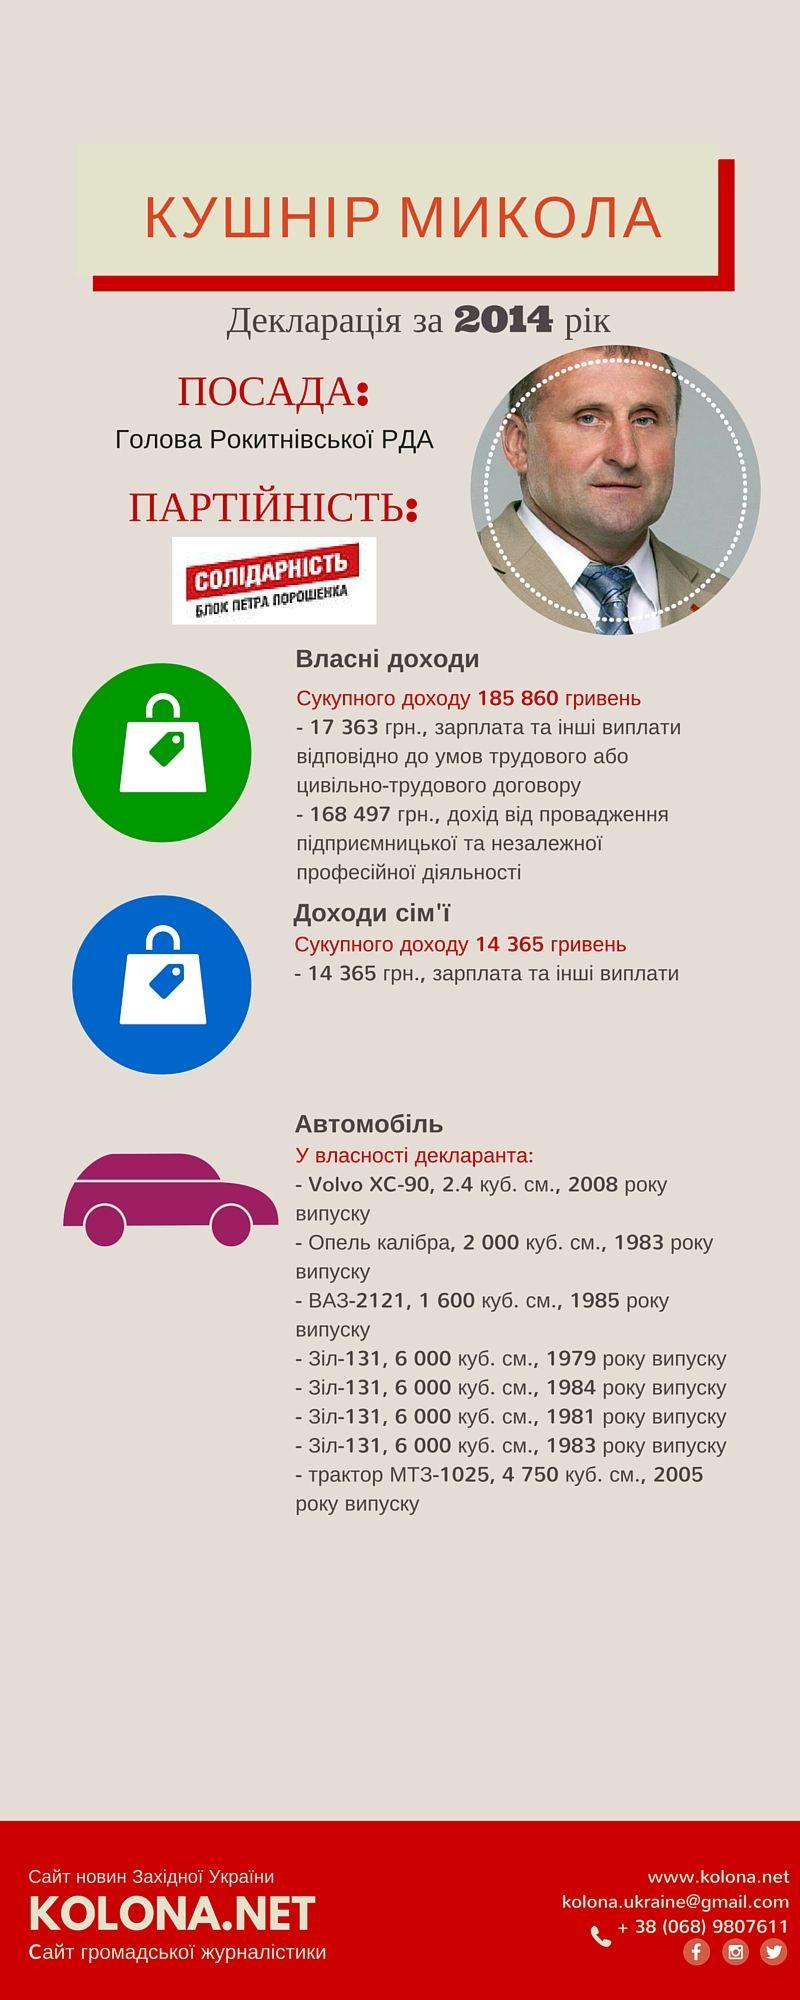 Микола Кушнір – голова Рокитнівської РДА